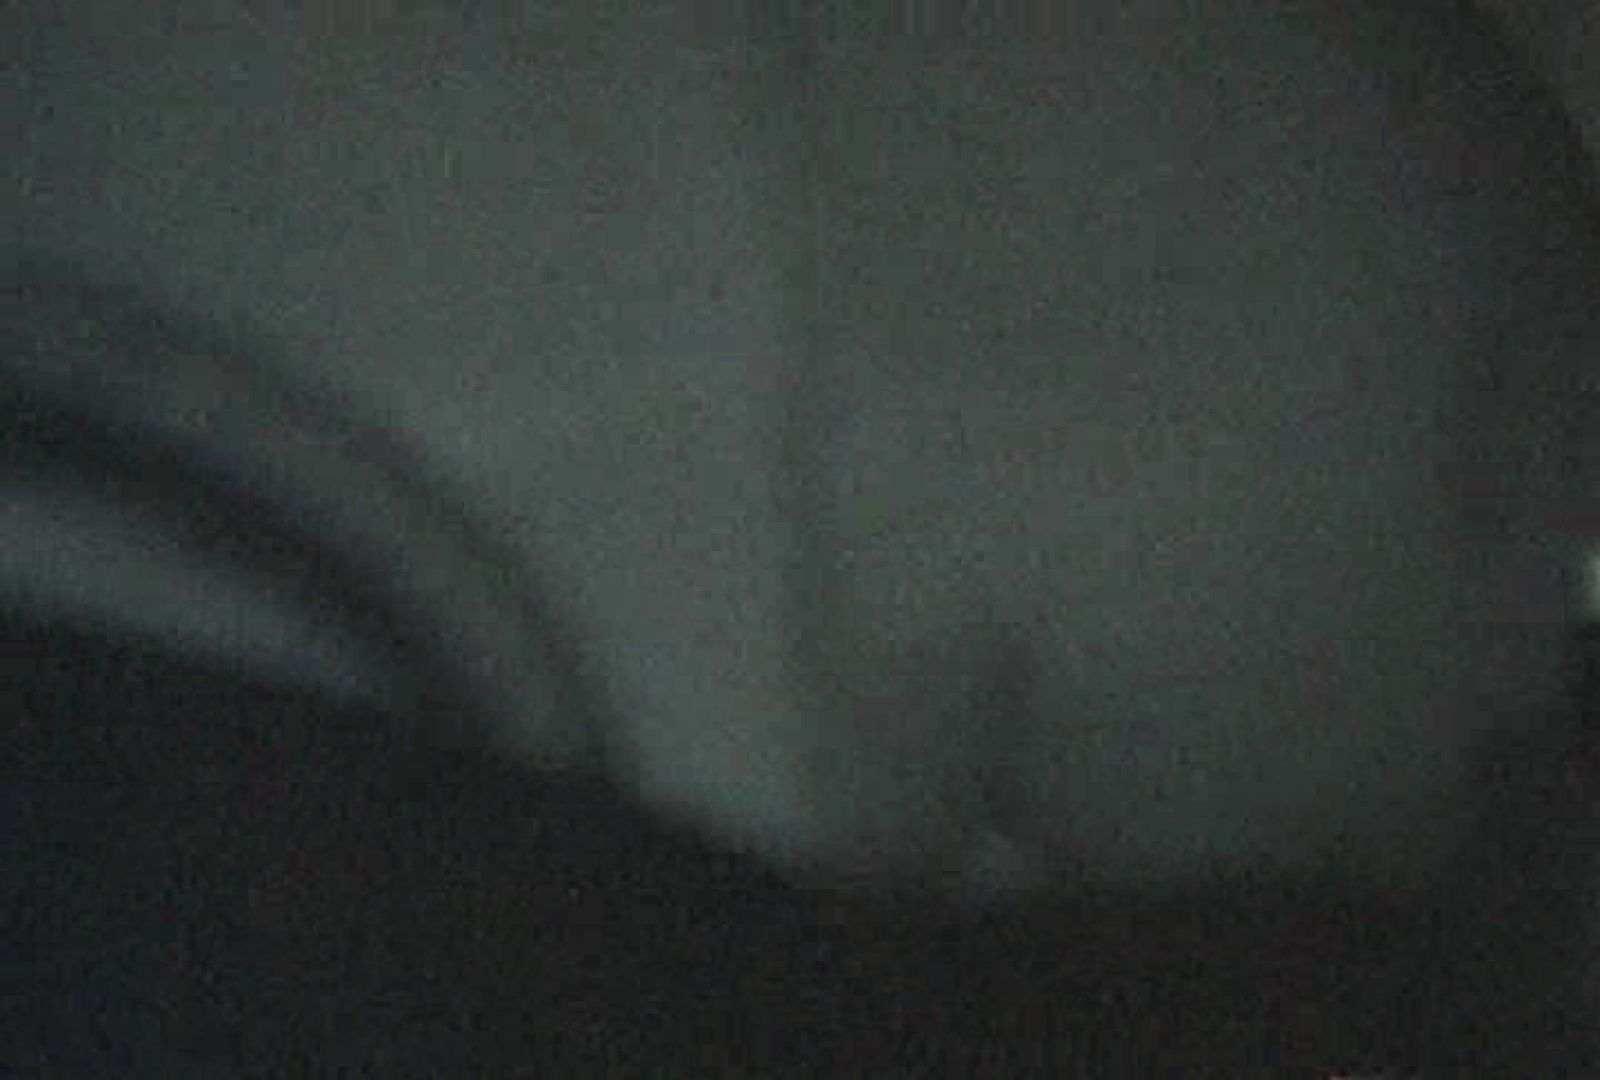 充血監督の深夜の運動会Vol.46 素人ギャル女   カップル記念日  81連発 41